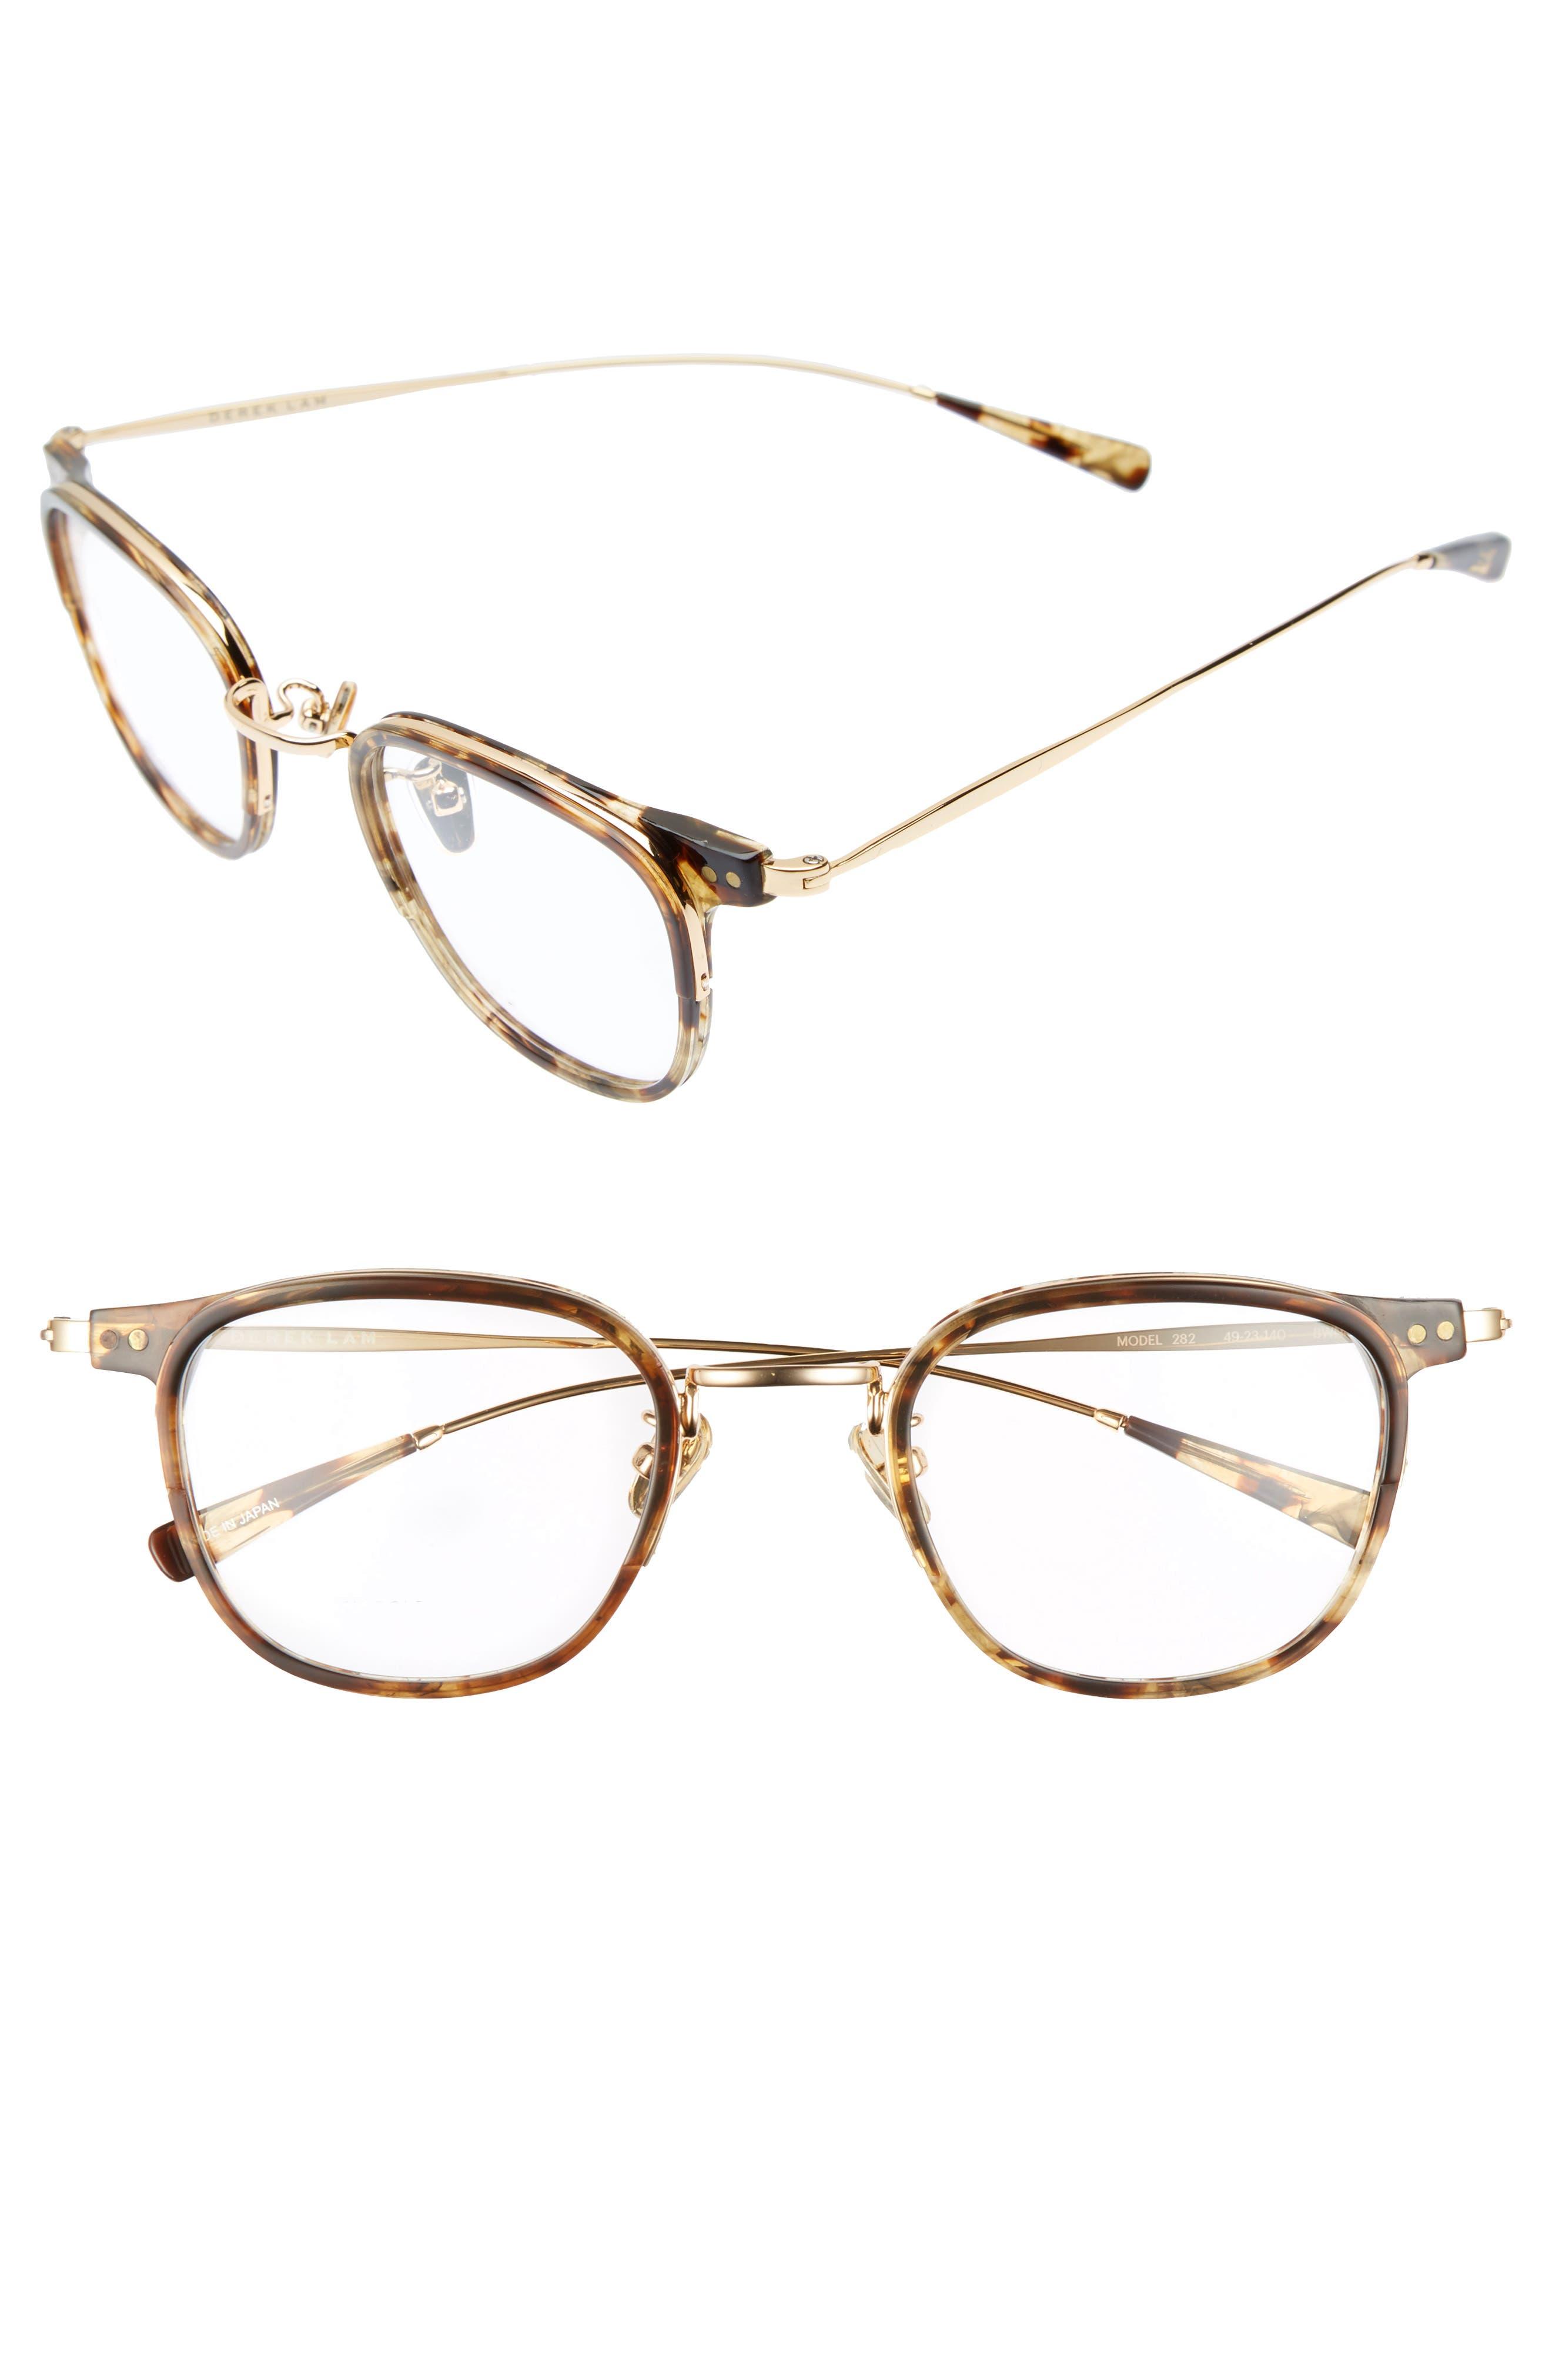 Main Image - Derek Lam 49mm Optical Glasses